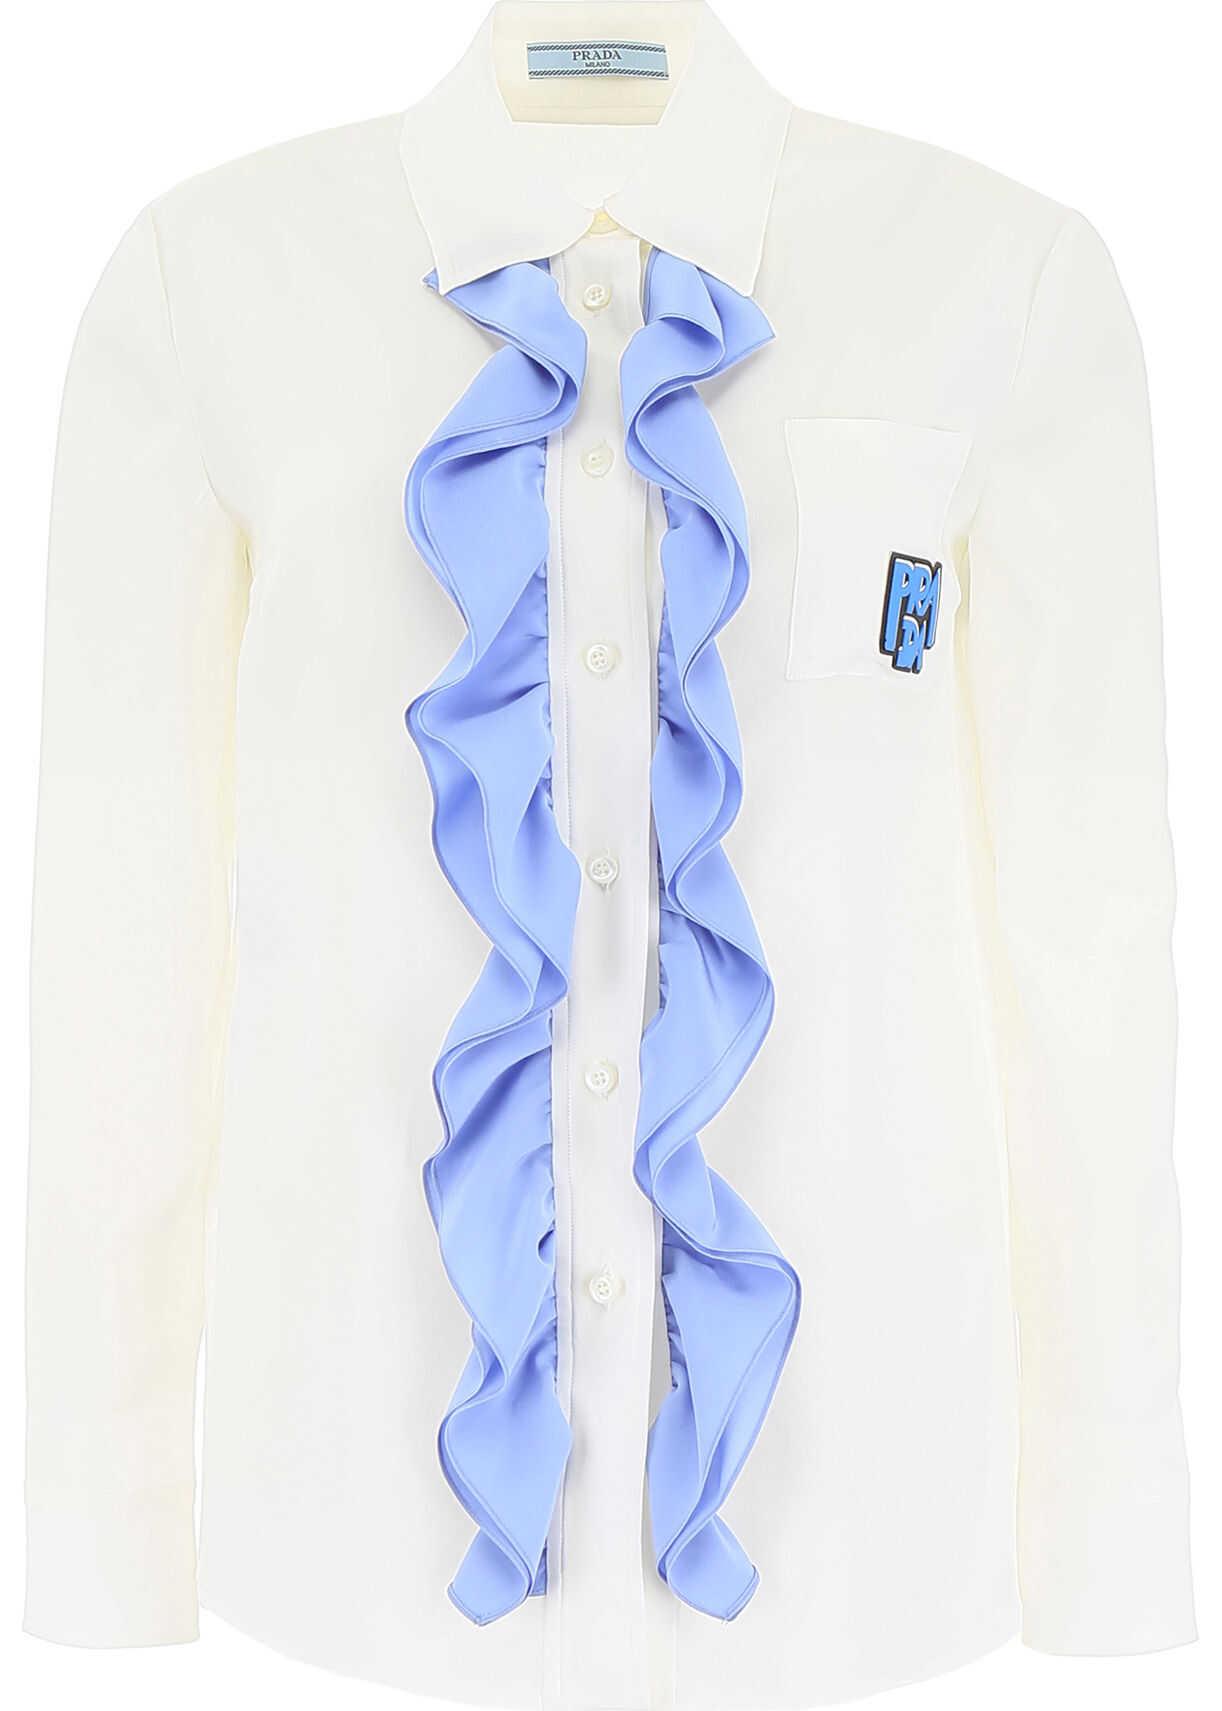 Prada Ruffled Silk Shirt With Logo AVORIO PERVINCA